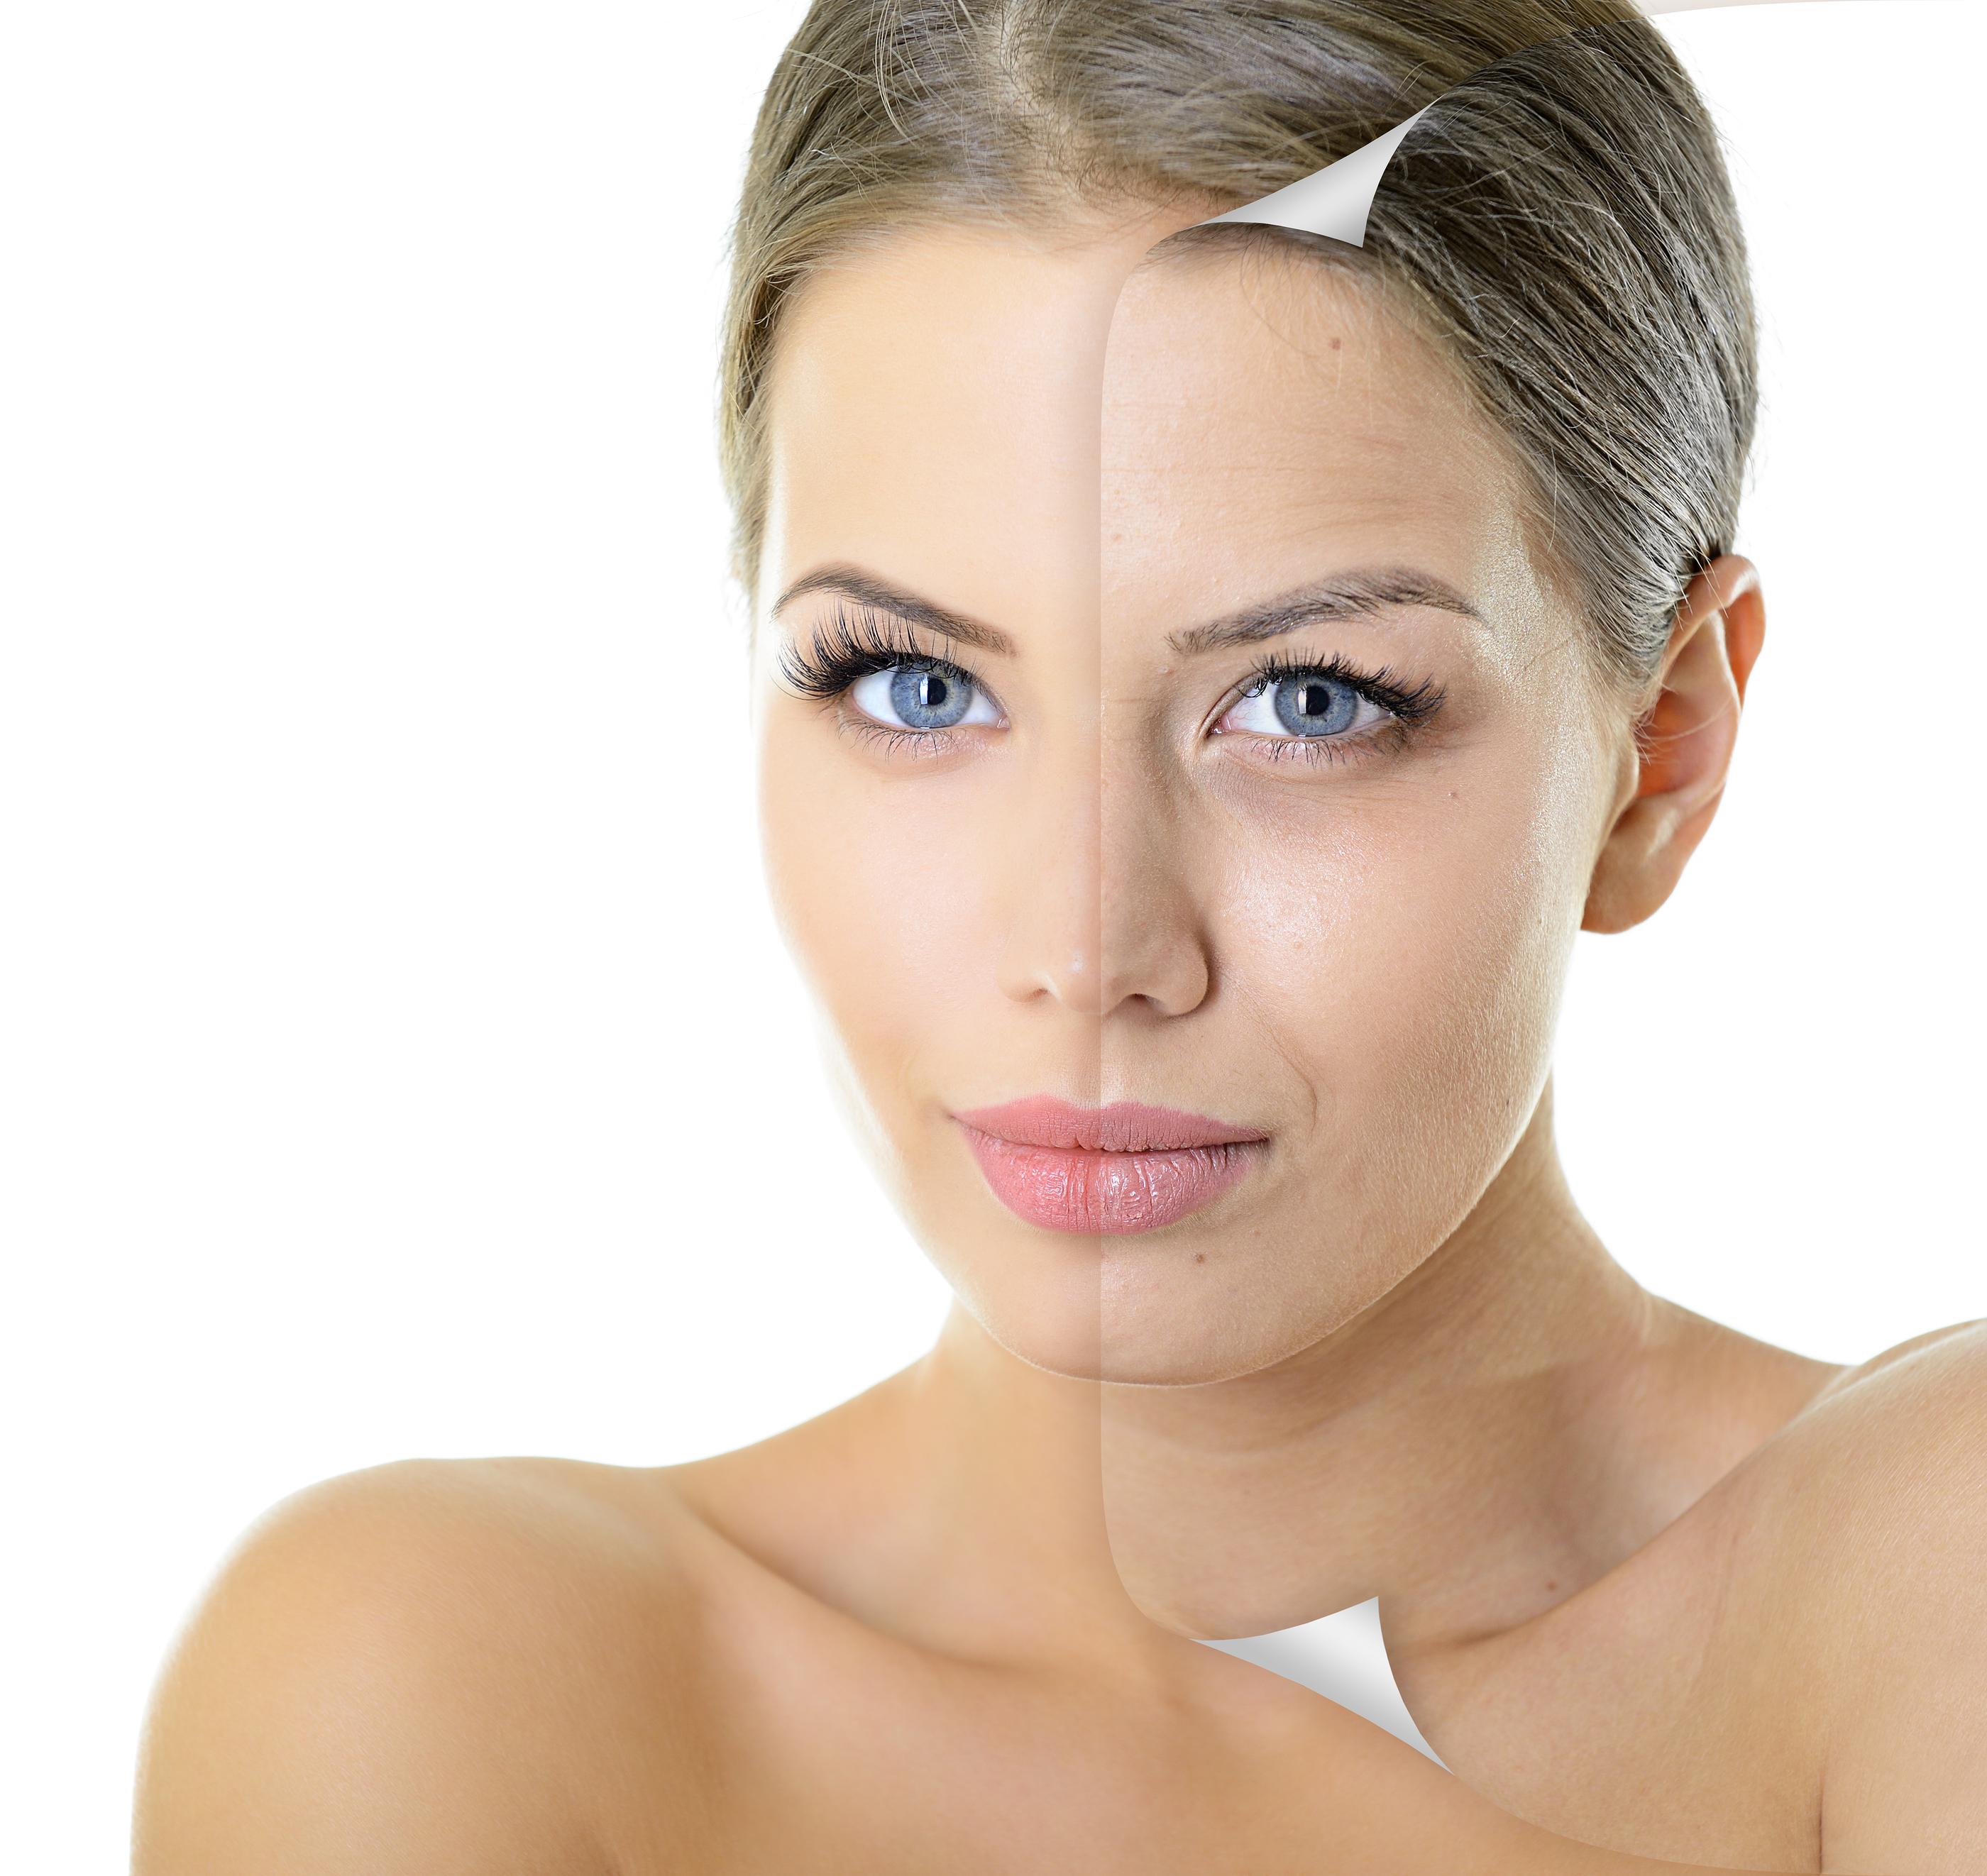 Làm thế nào để có da mặt đẹp